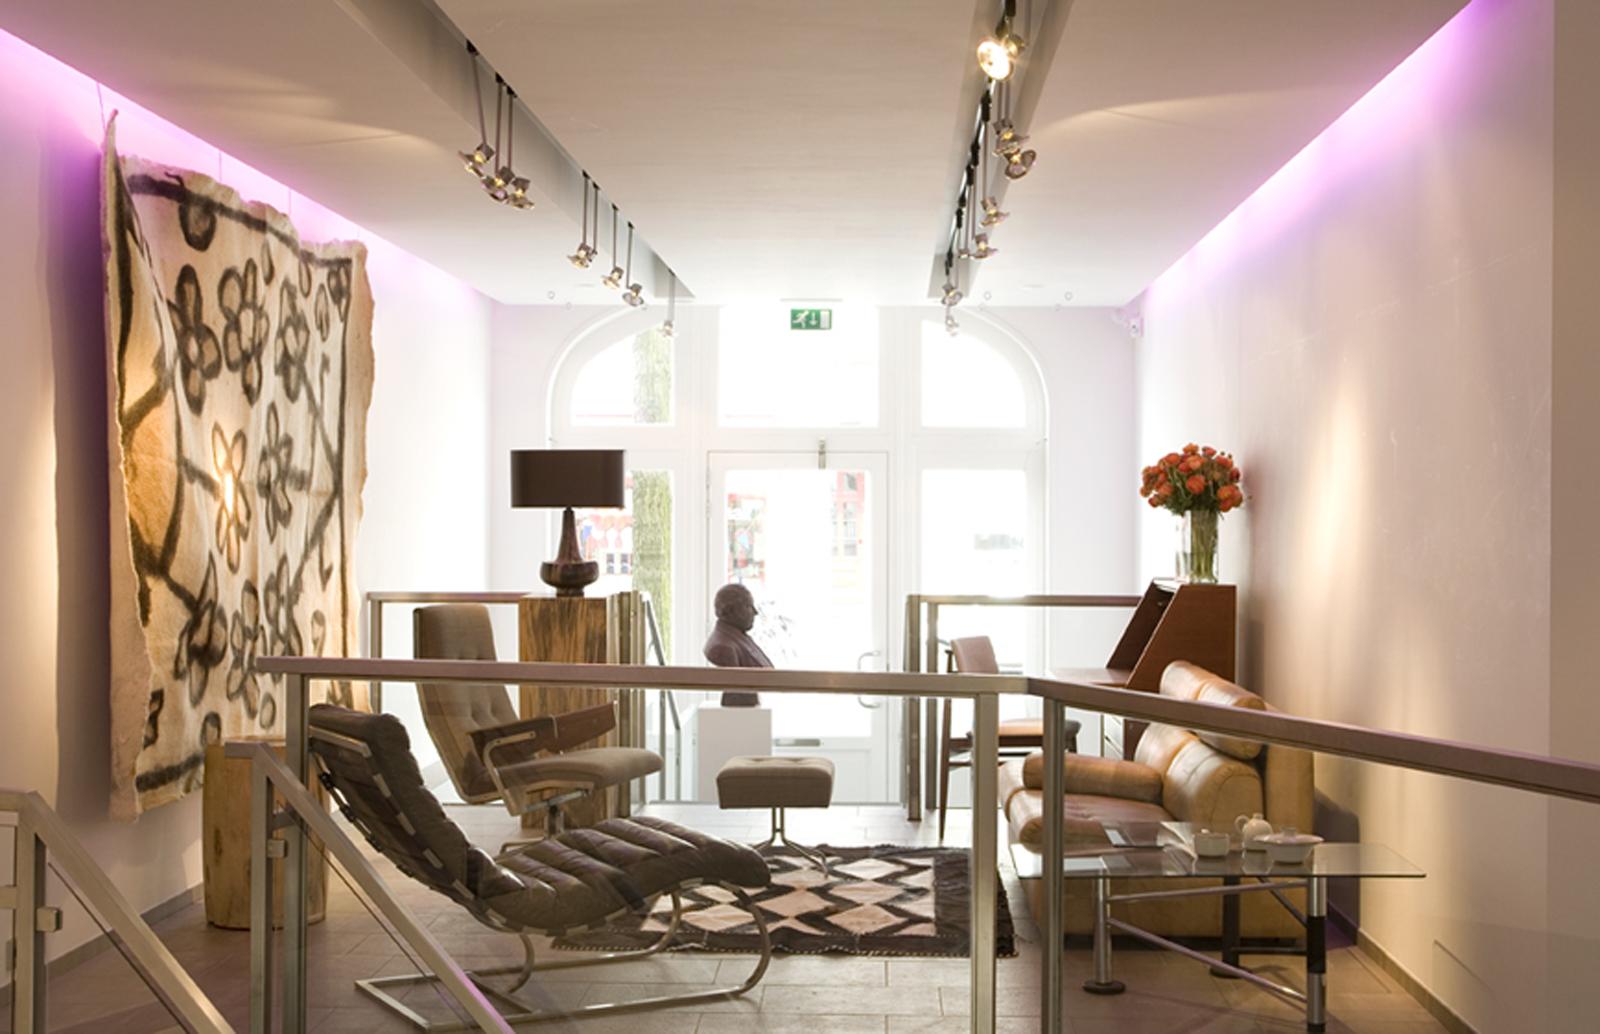 Vergaderlocatie amsterdam paul paternotte for Design appartement zwitserland